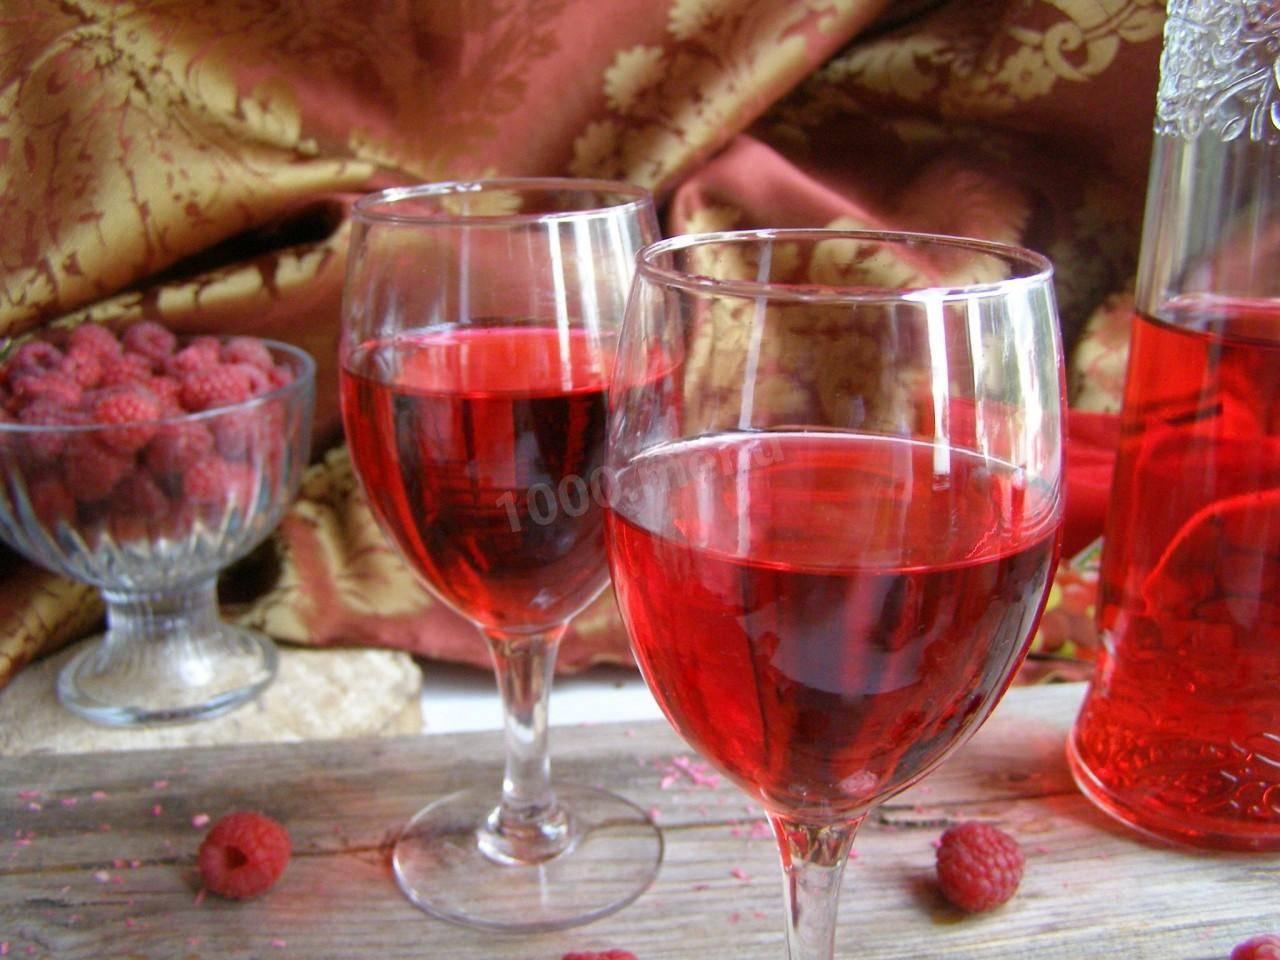 Вишнeвая (ягодная) наливка без добавления спирта, слабоалкогольная – кулинарный рецепт